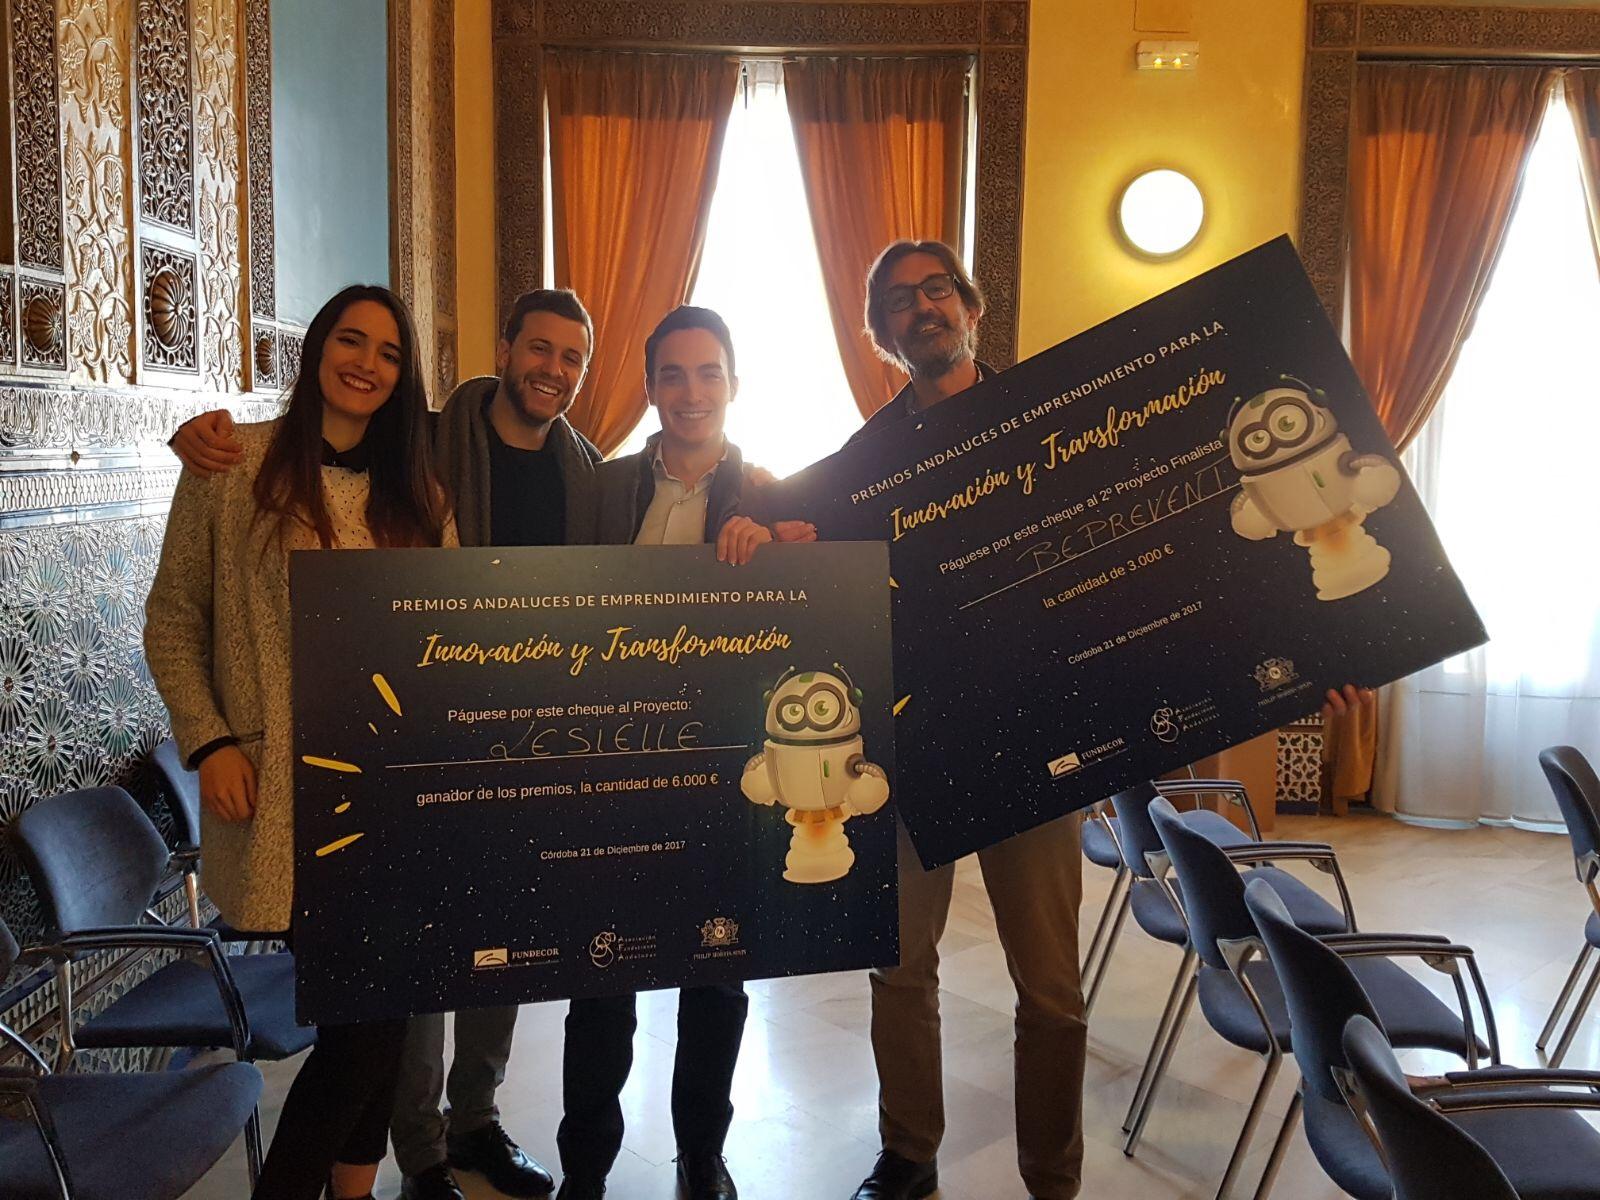 Los proyectos Lesielle y BePrevent, ganan los Premios Andaluces de Emprendimiento de Fundecor